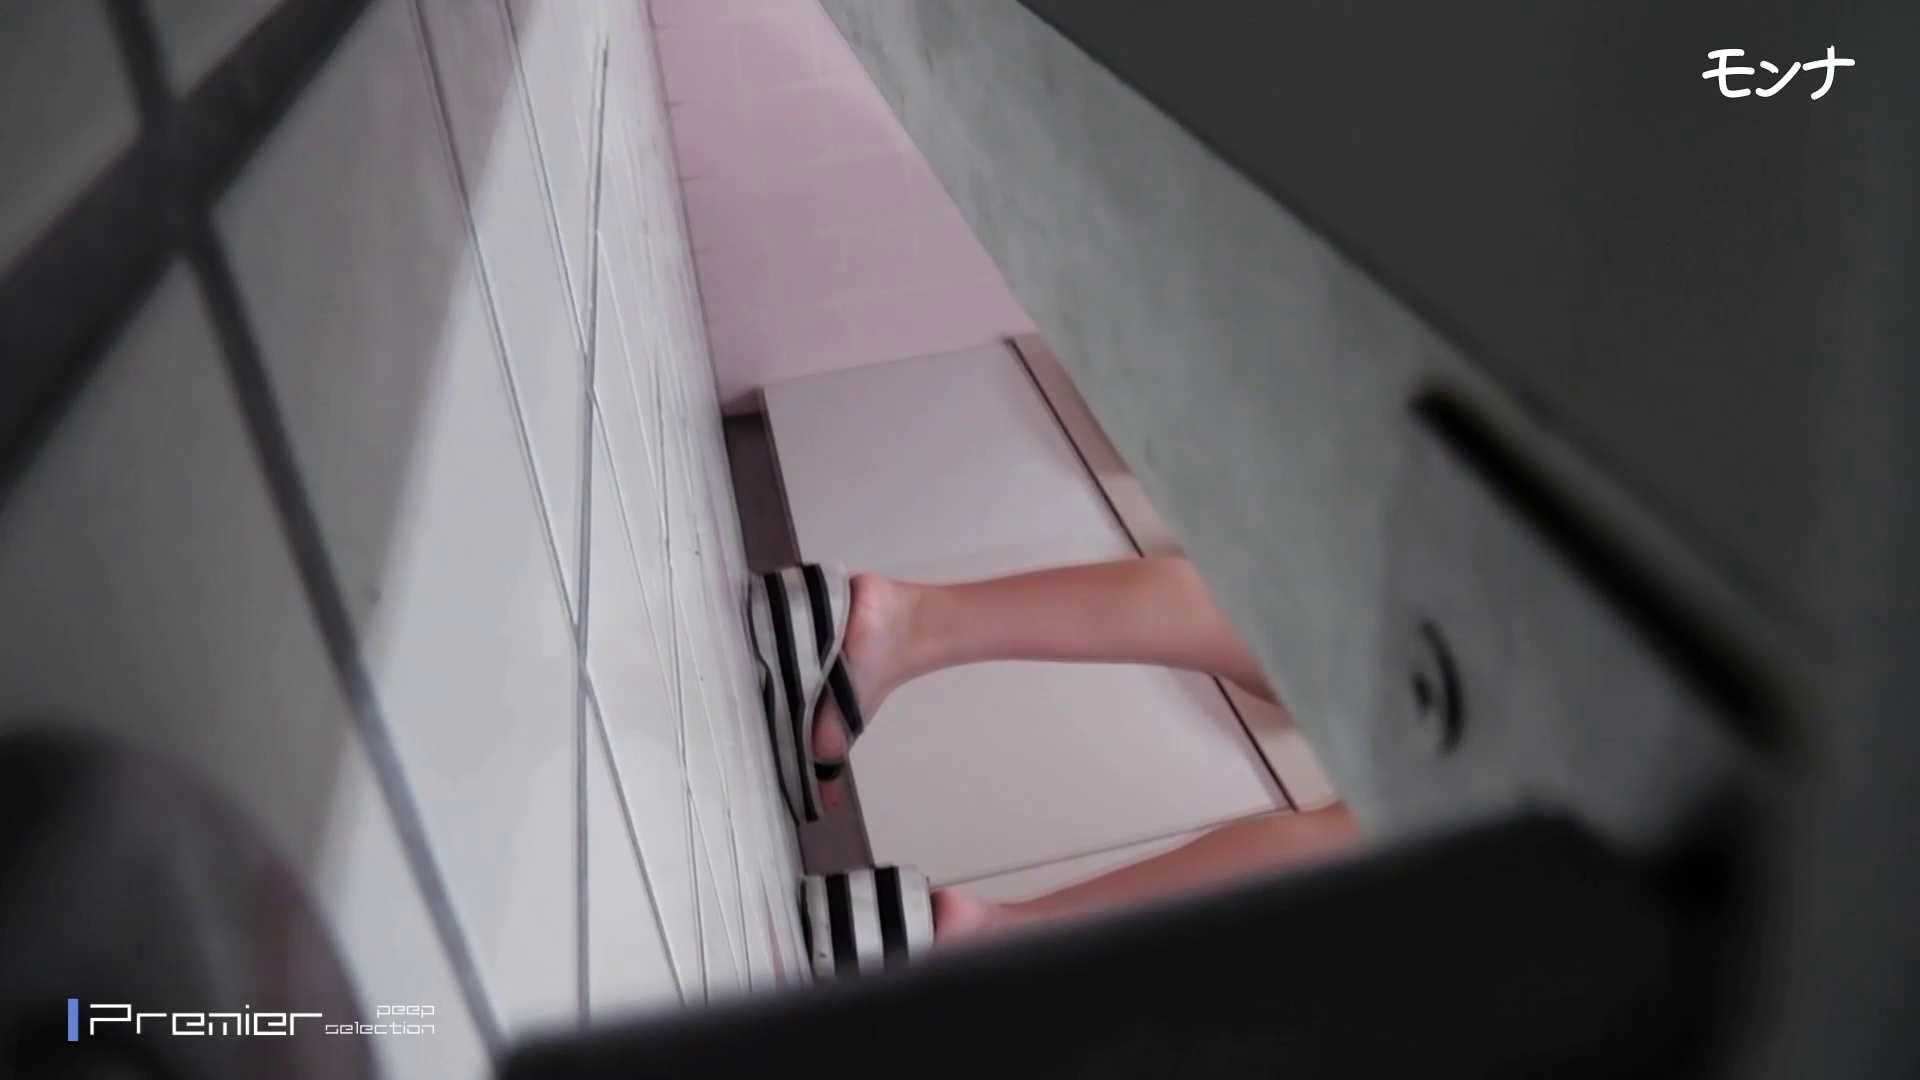 美しい日本の未来 No.75 たまらないくびれ 2 生え茂る トイレ流出  93連発 18